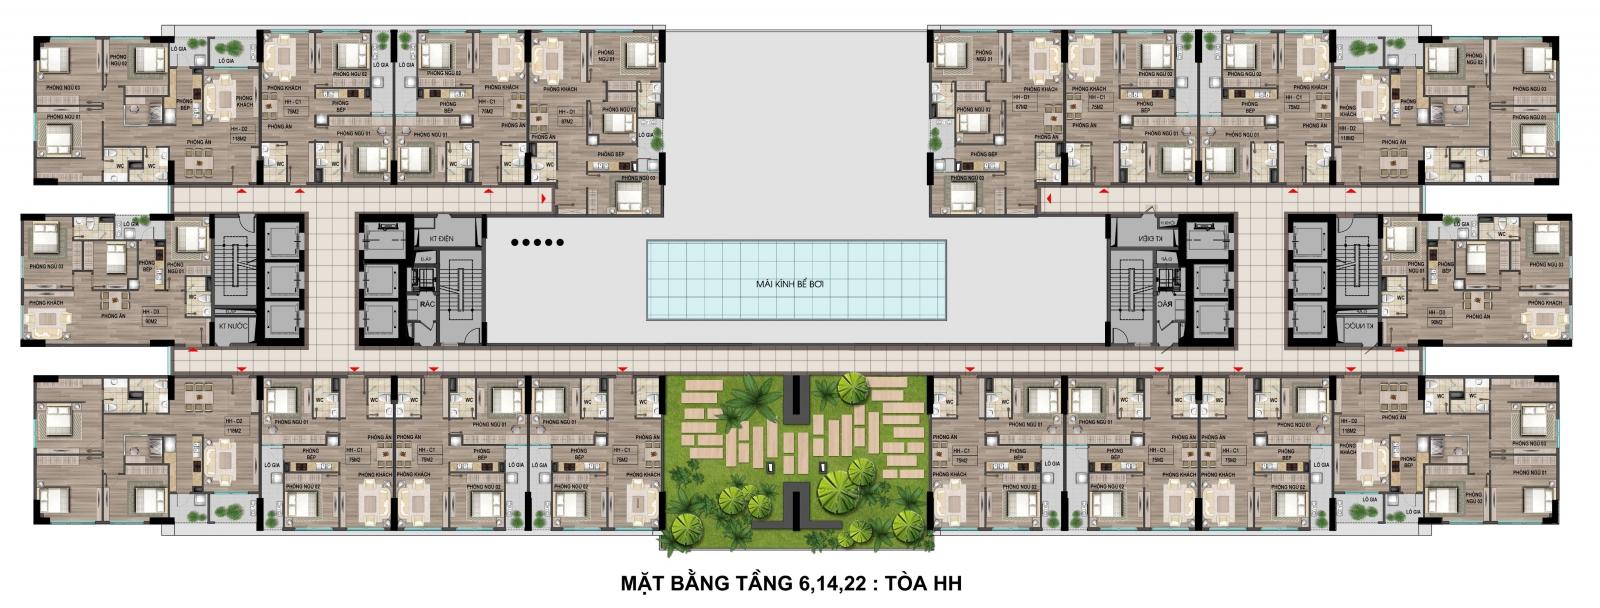 mat-bang-tang-6-14-22